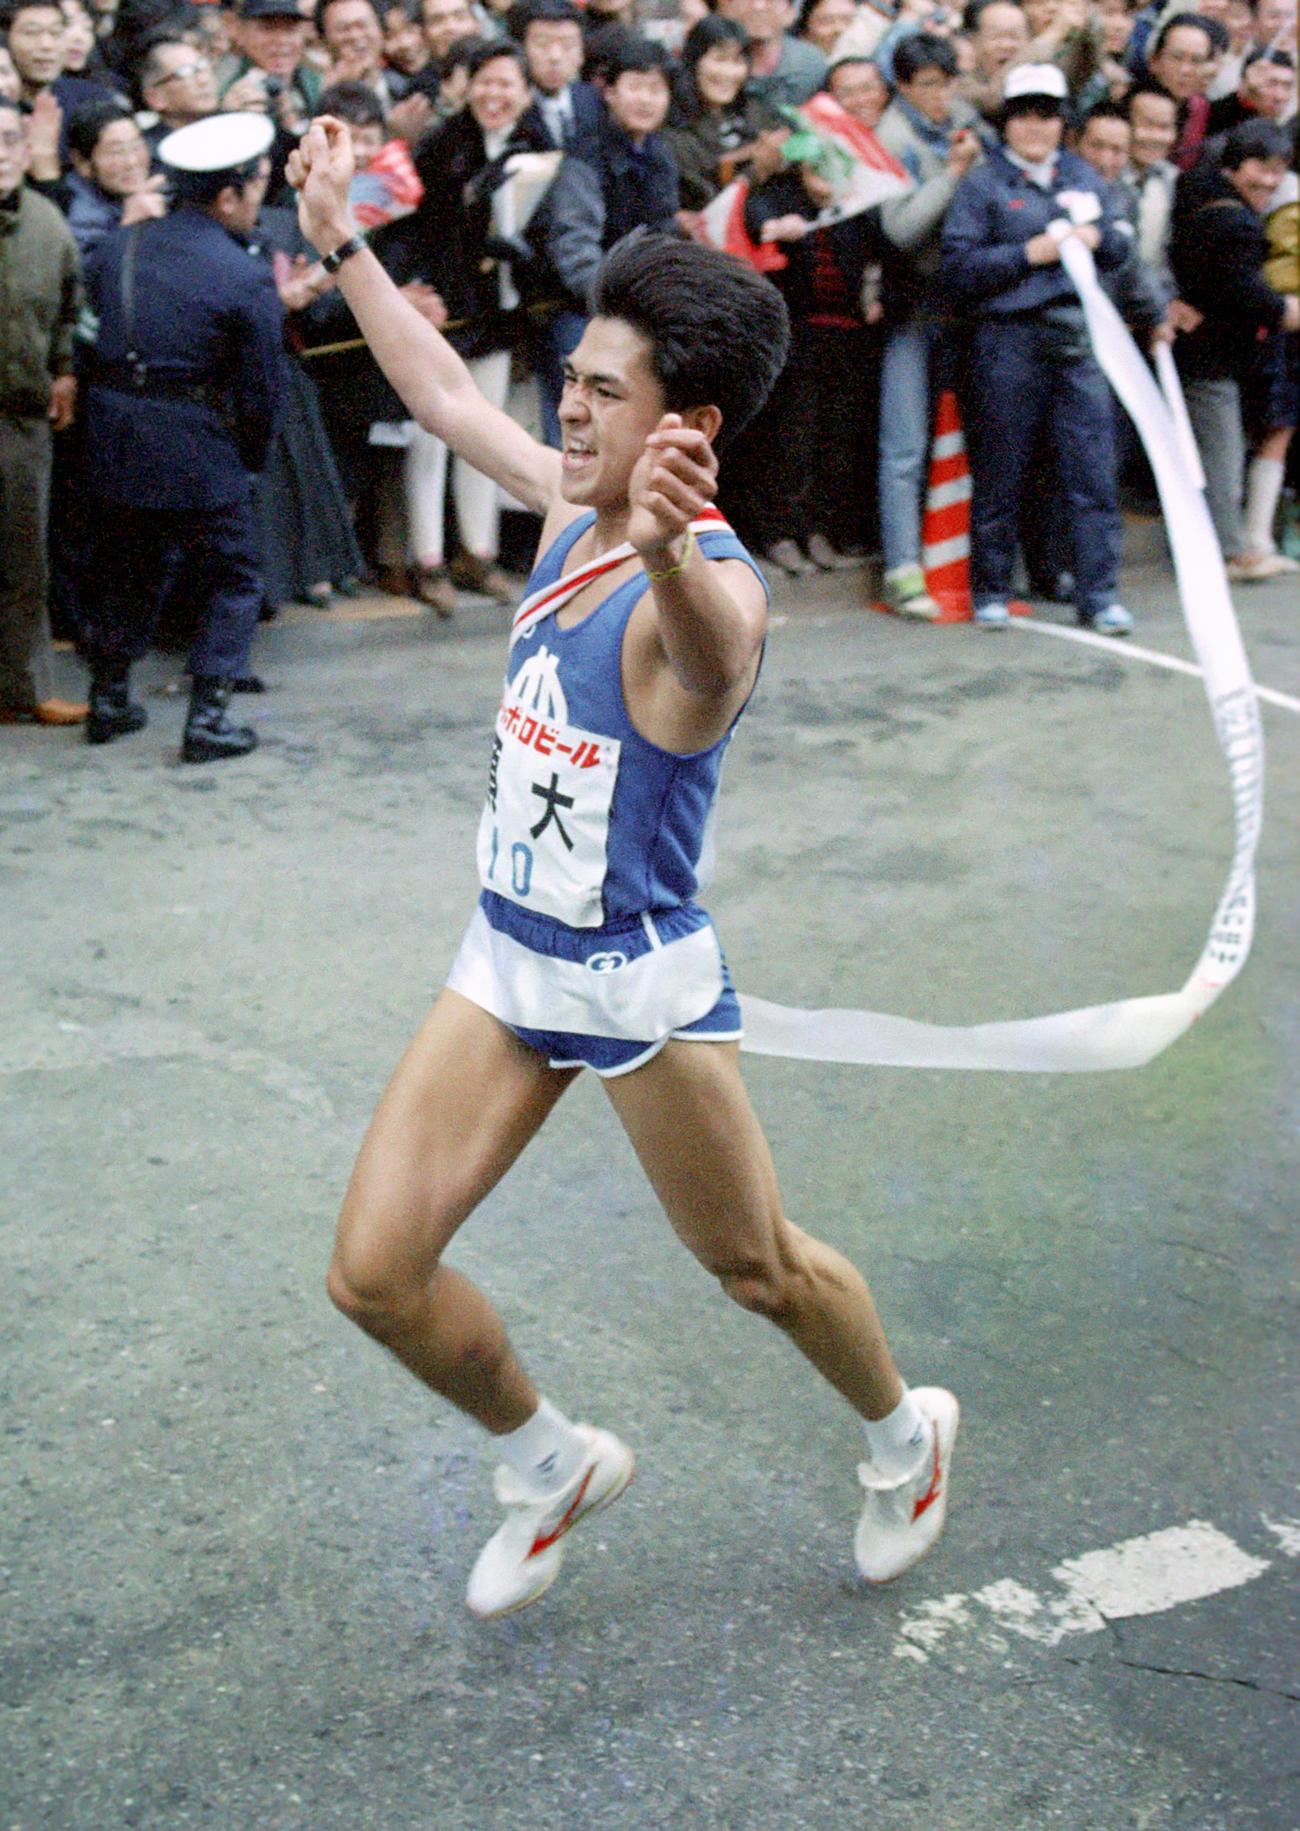 復路10区 順大のアンカー、1年生の巽博和は好走して優勝のゴール。テープを巻きつけながら喜びに沸く僚友の輪に飛び込んだ=1989年1月3日